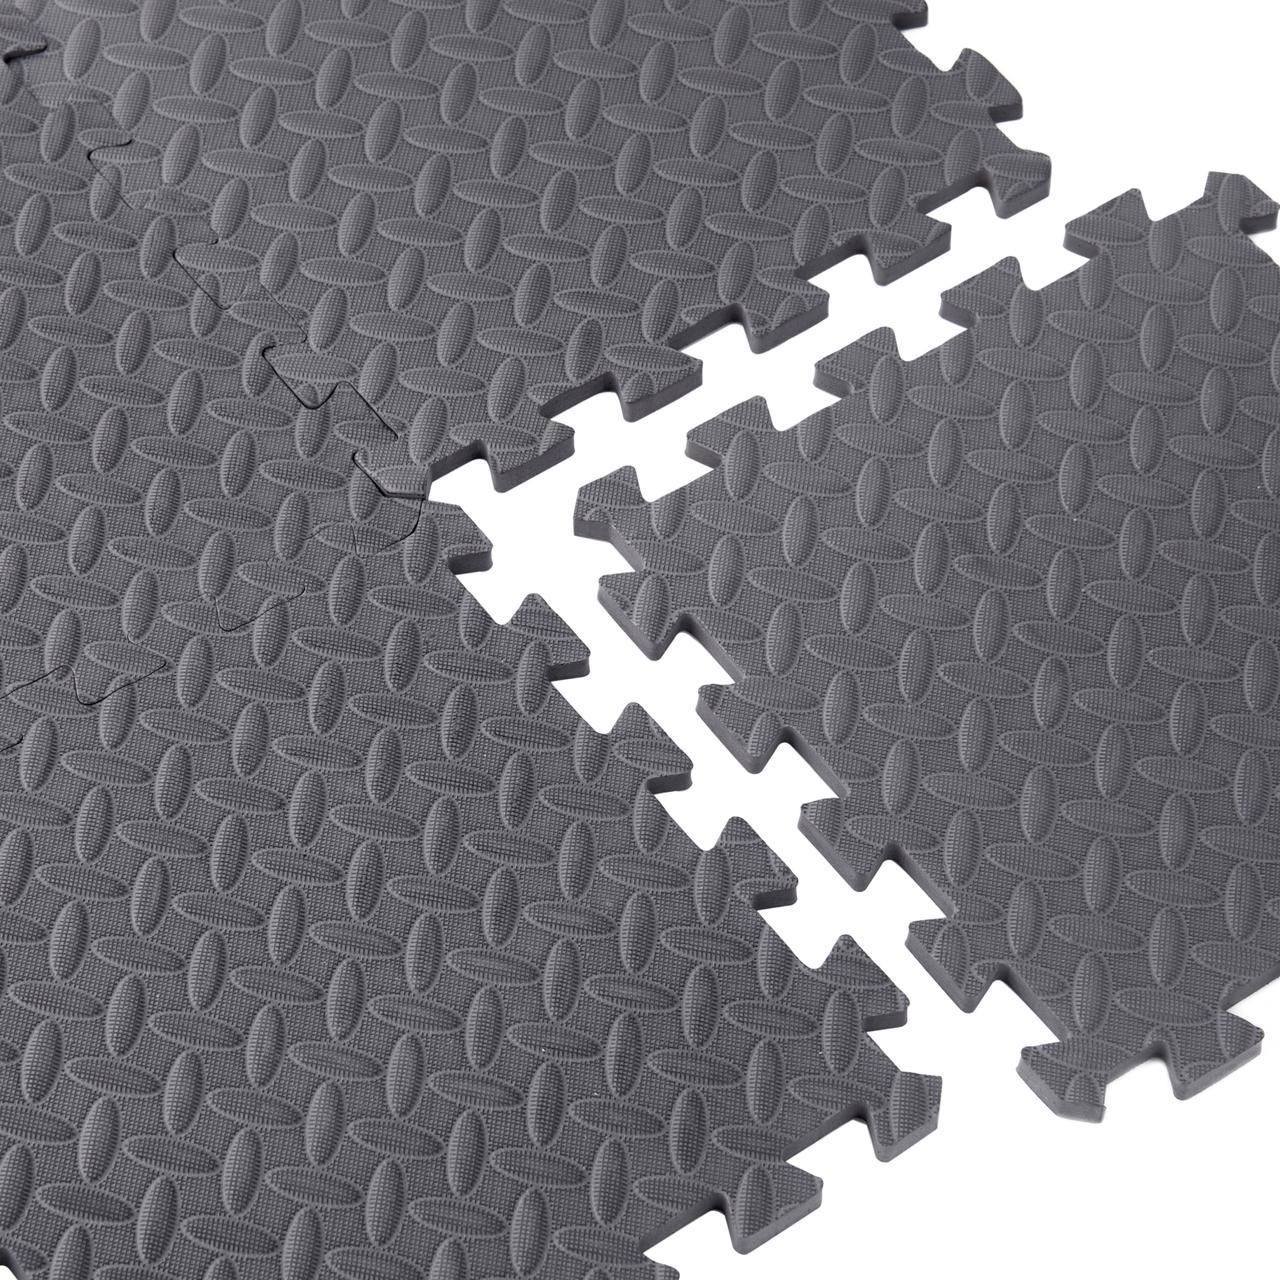 Cap Antimicrobial Foam Tile Puzzle Mat 12 Pieces